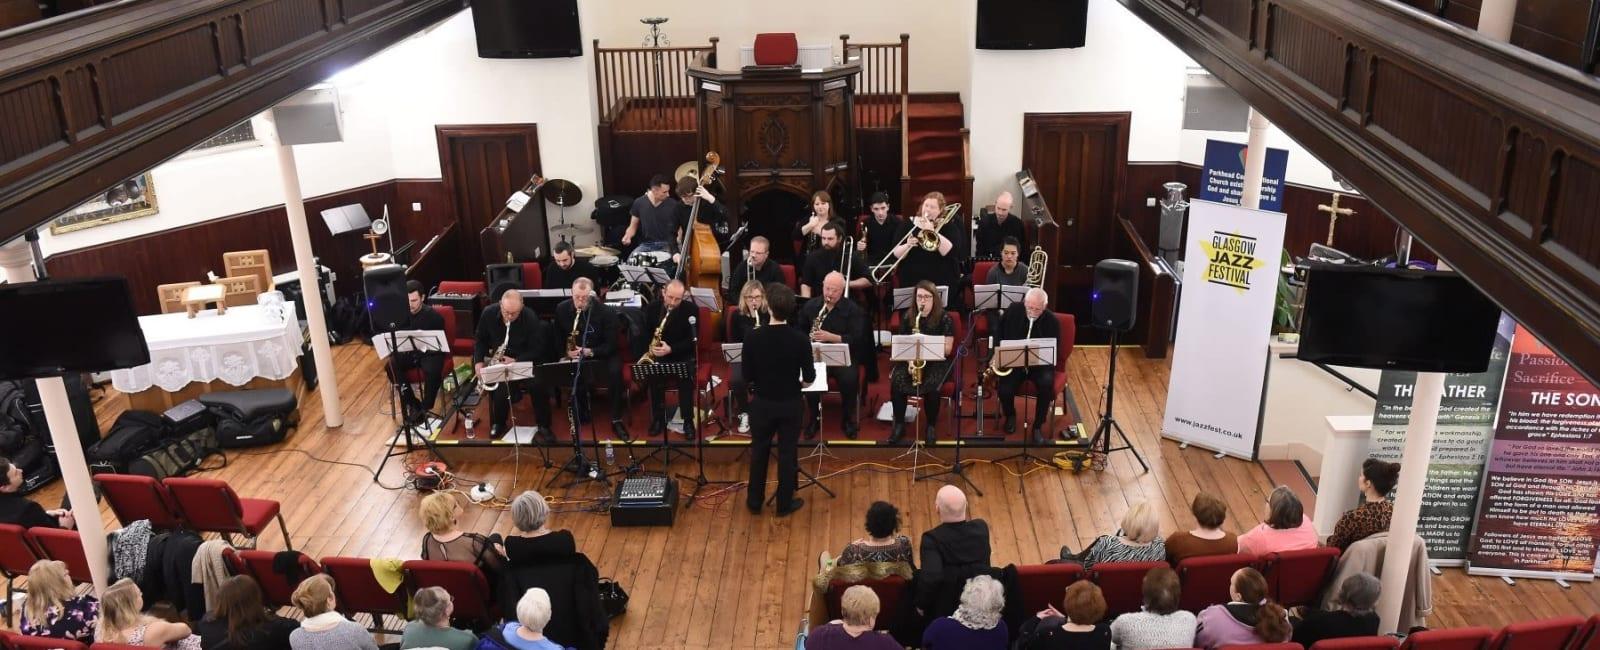 Glasgow International Jazz Festival LTD